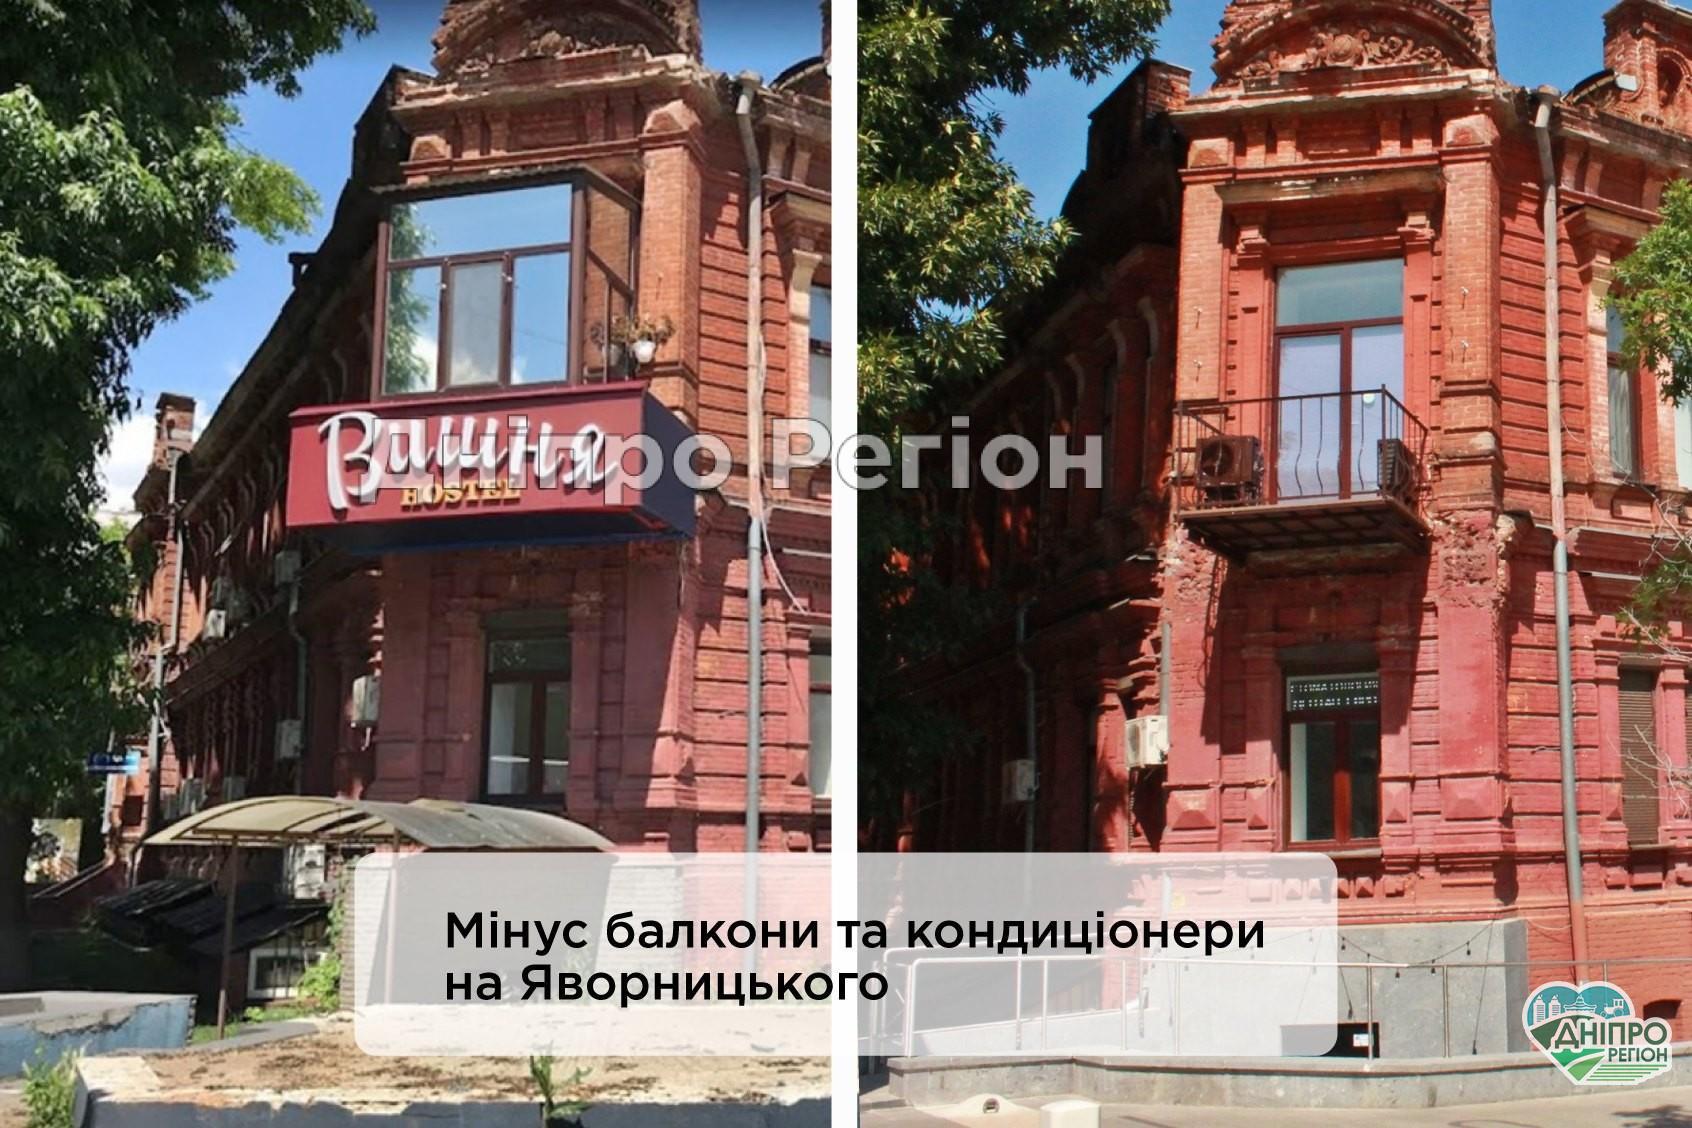 У Дніпрі на розі Яворницького та Соборної площі стоїть будинок, що привертає увагу (ФОТО)